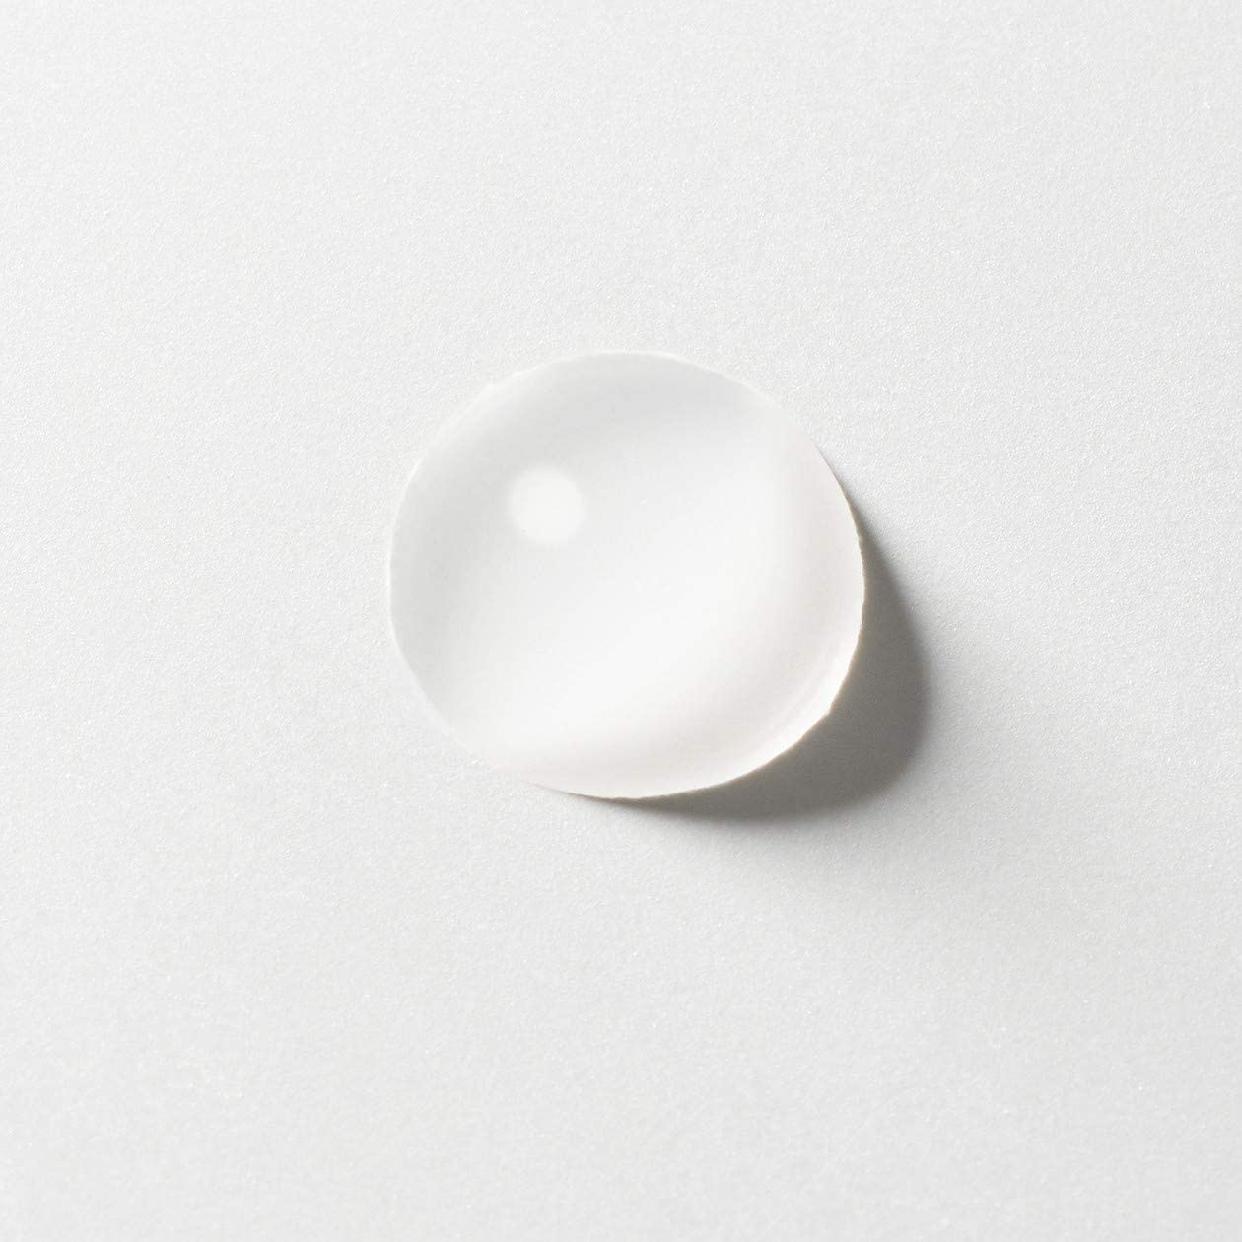 無印良品(MUJI) ハーバル化粧水の商品画像2